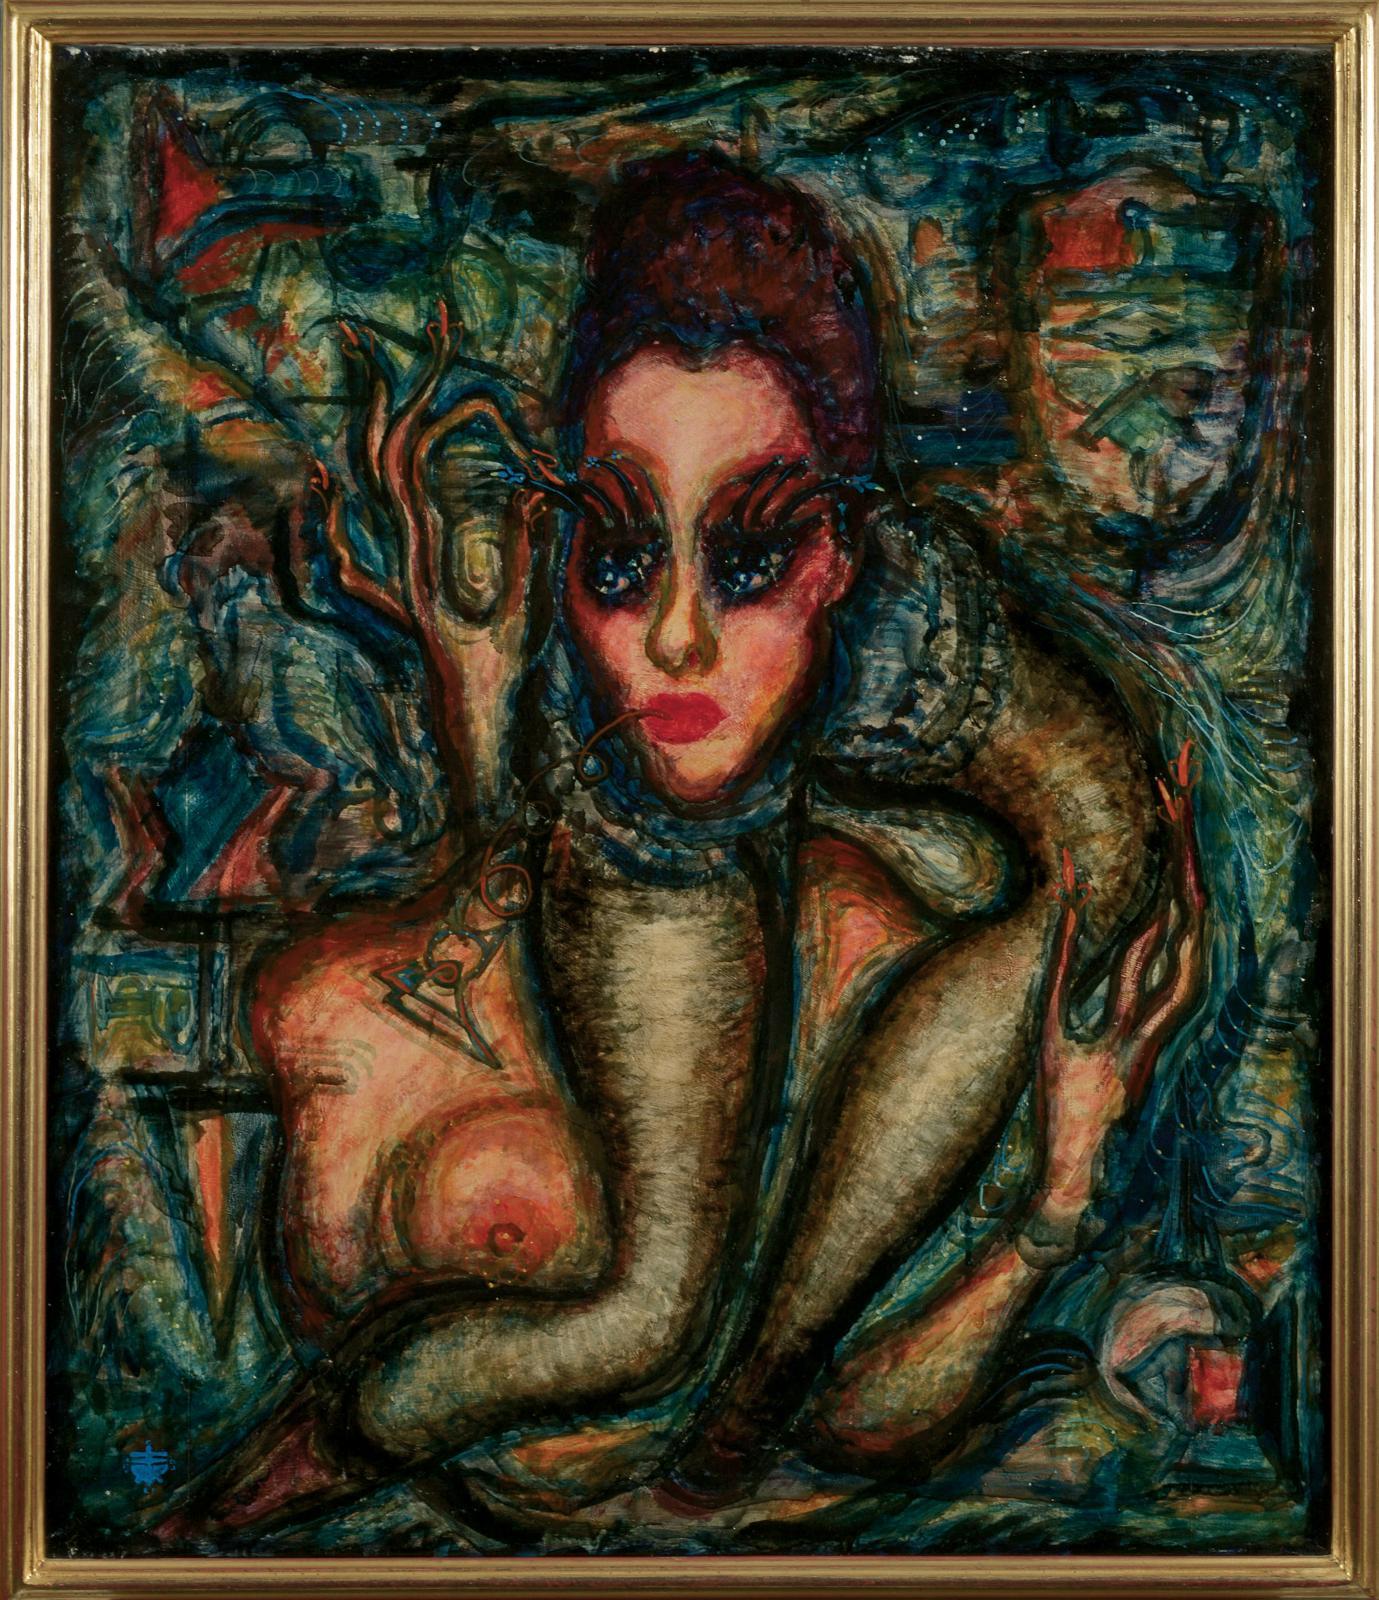 Pierre Molinier (1900-1976), Deux autoportraits légendés- 1965, tirage argentique sur papier perlé et tirage argentique sur Agfa doux, collés sur la